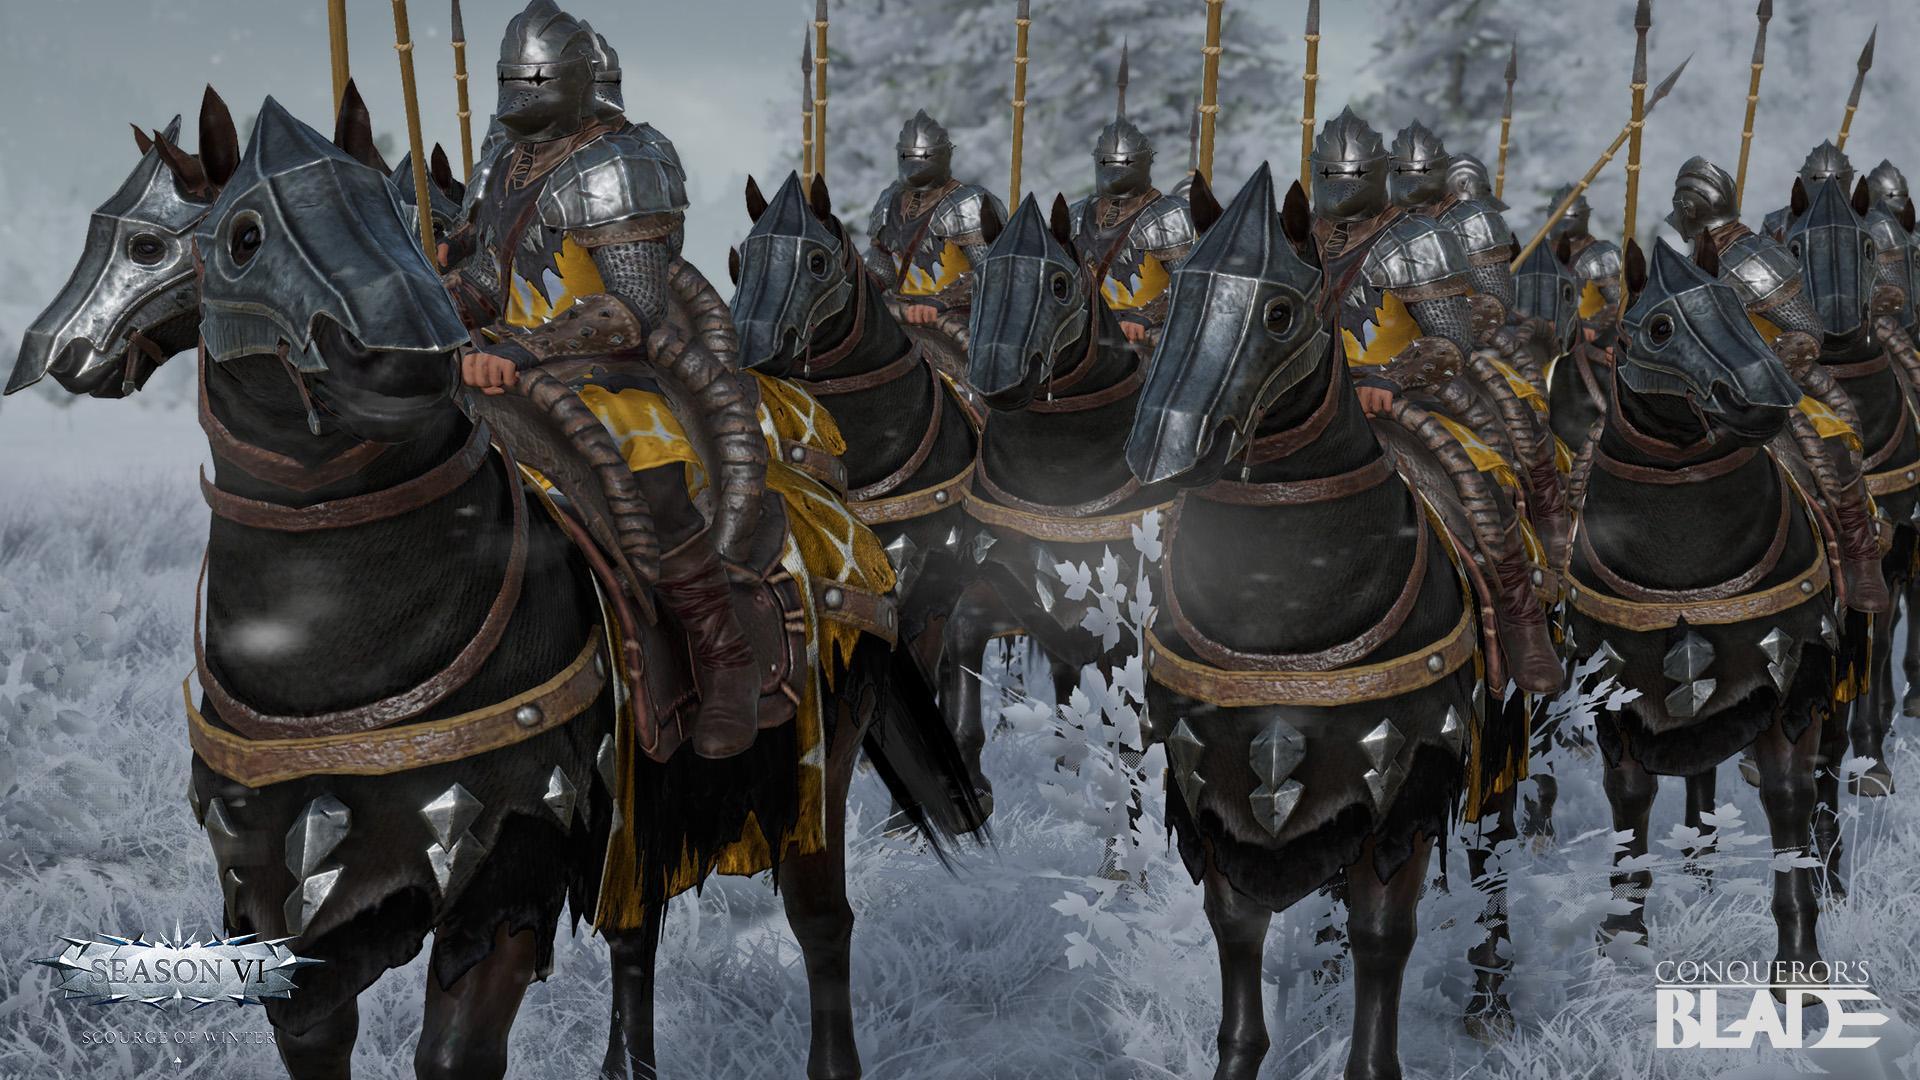 Вышло дополнение «Scourge of Winter» для Conqueror's Blade